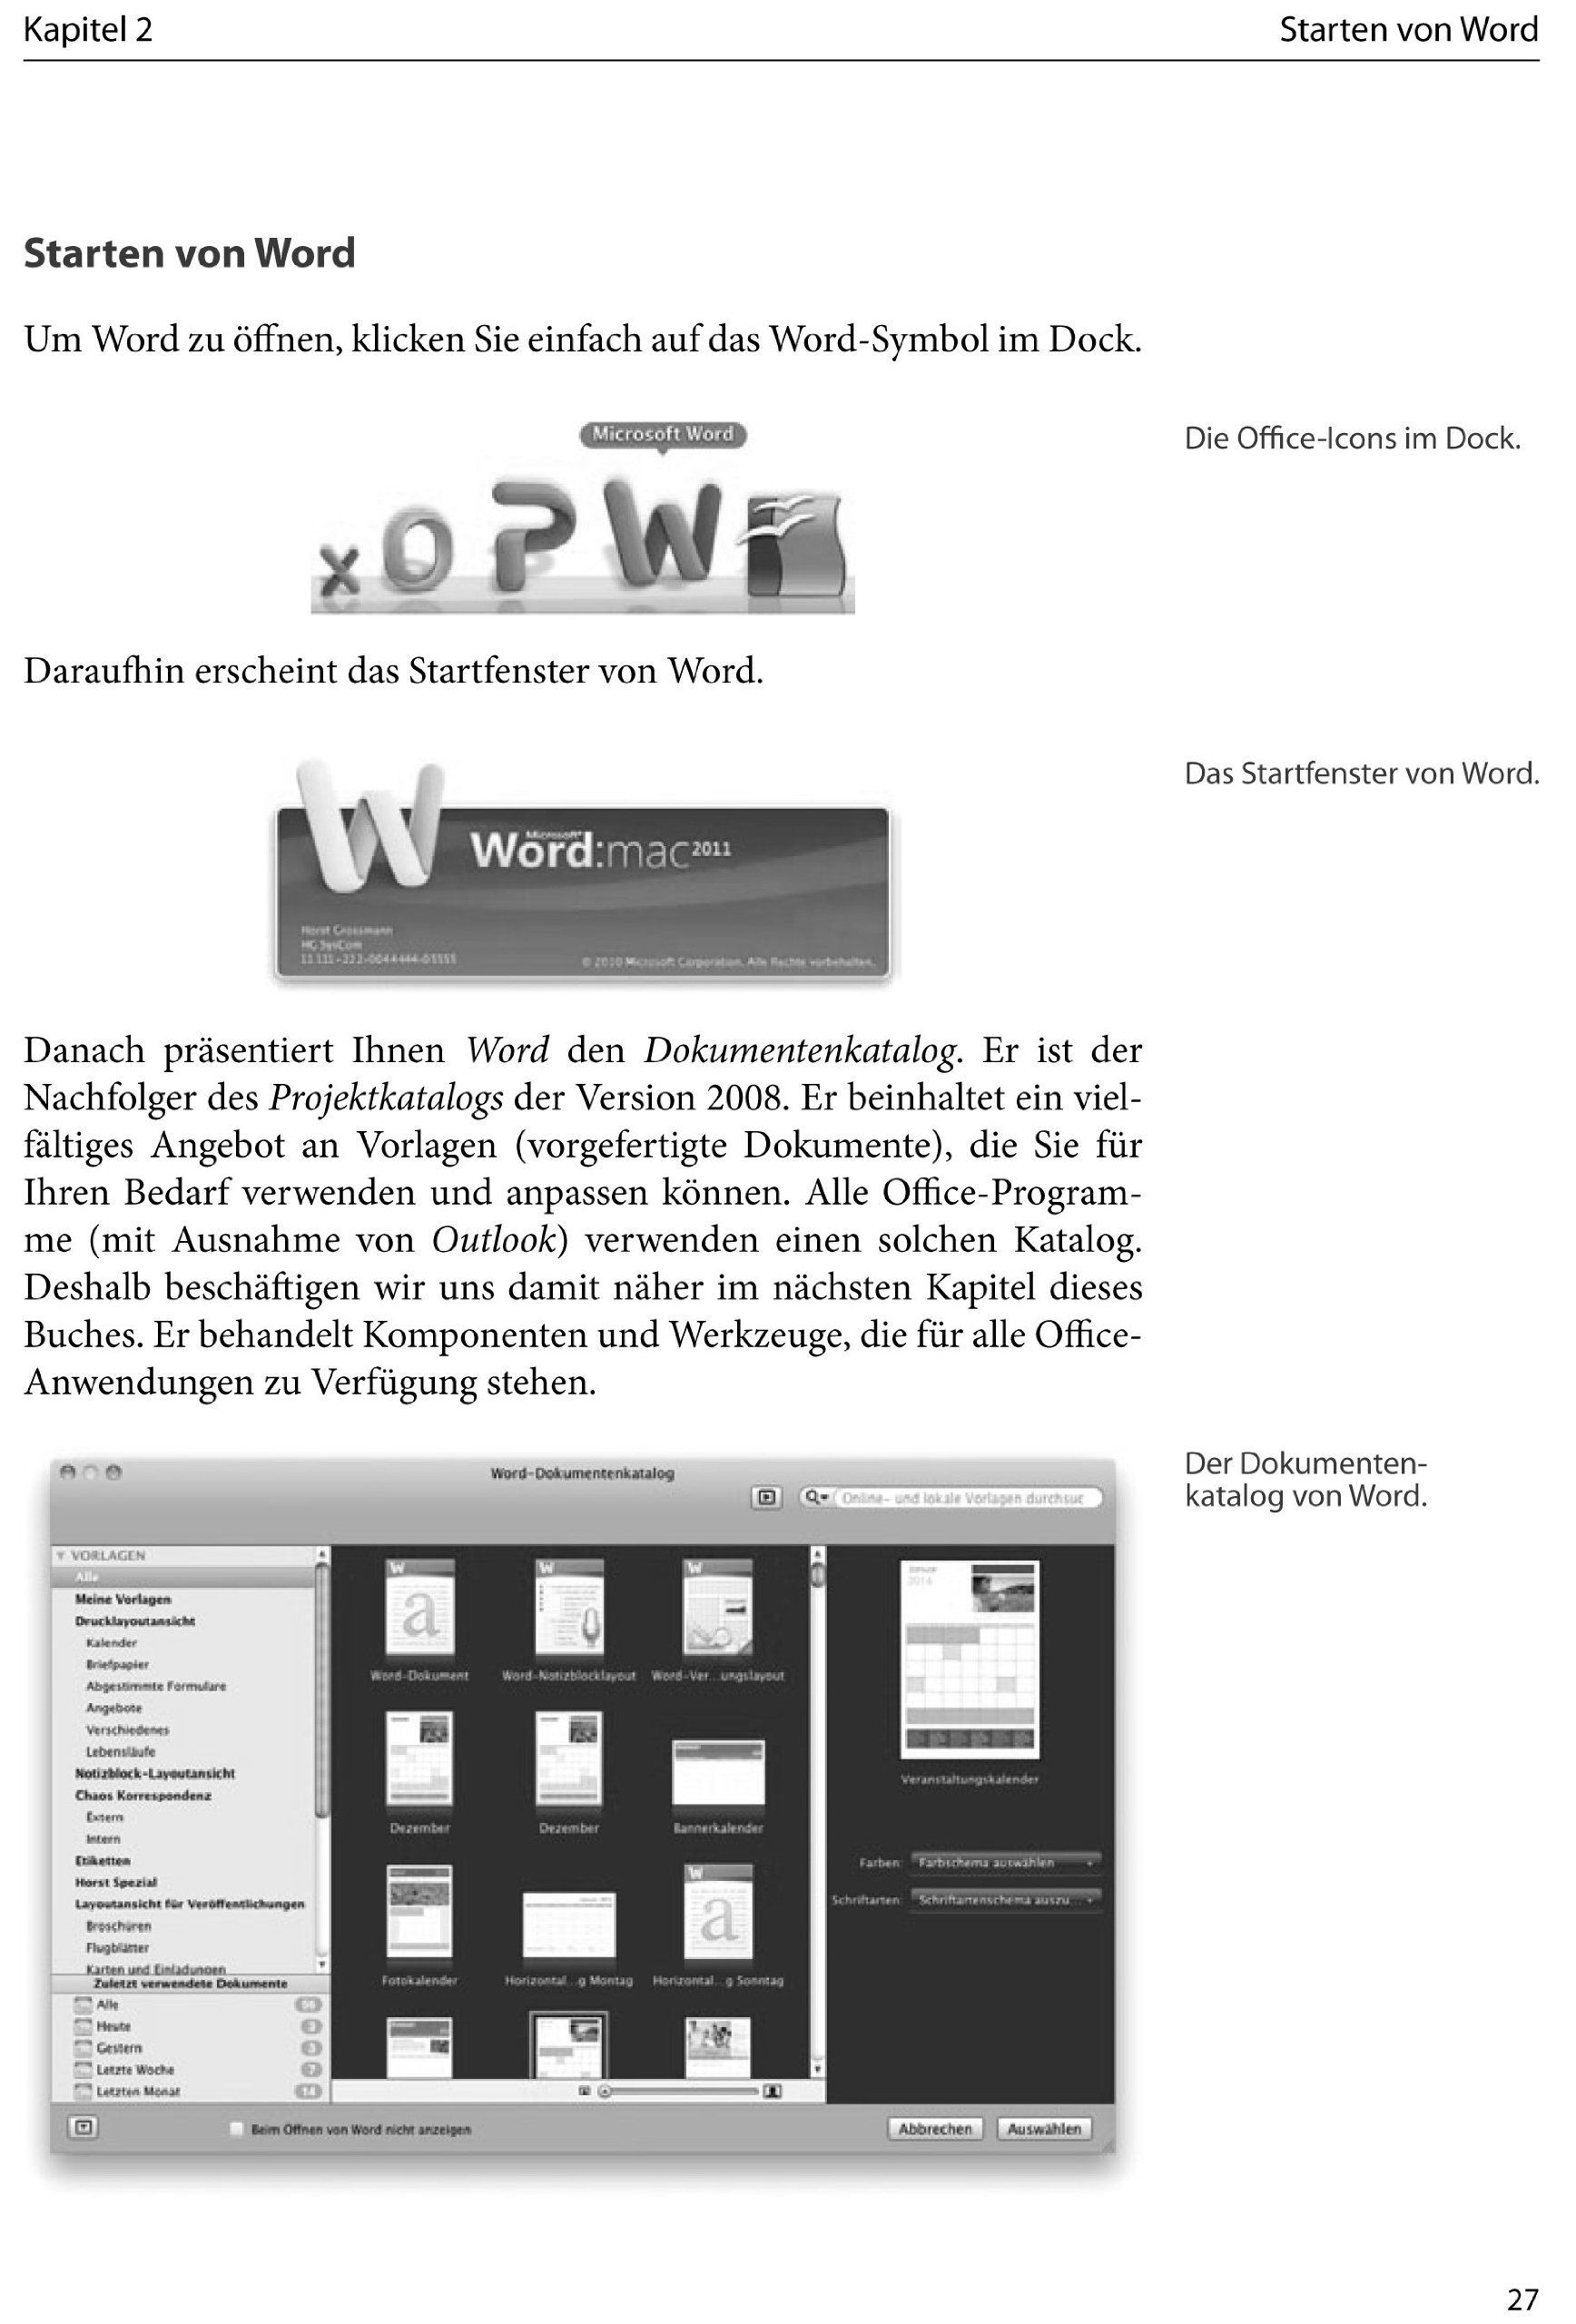 Gemütlich Verwenden Von Outlook Vorlagen Galerie - Beispiel ...